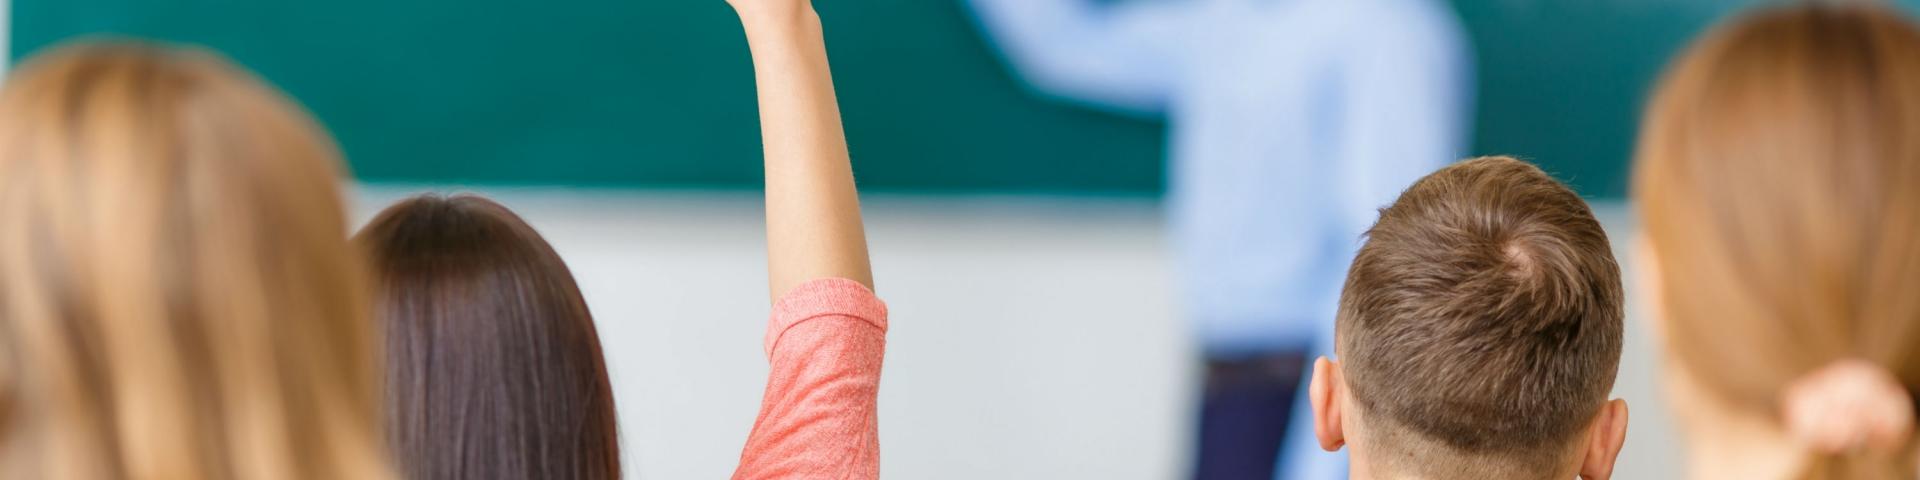 Ο ρόλος του δασκάλου στη διαφοροποιημένη εκπαίδευση